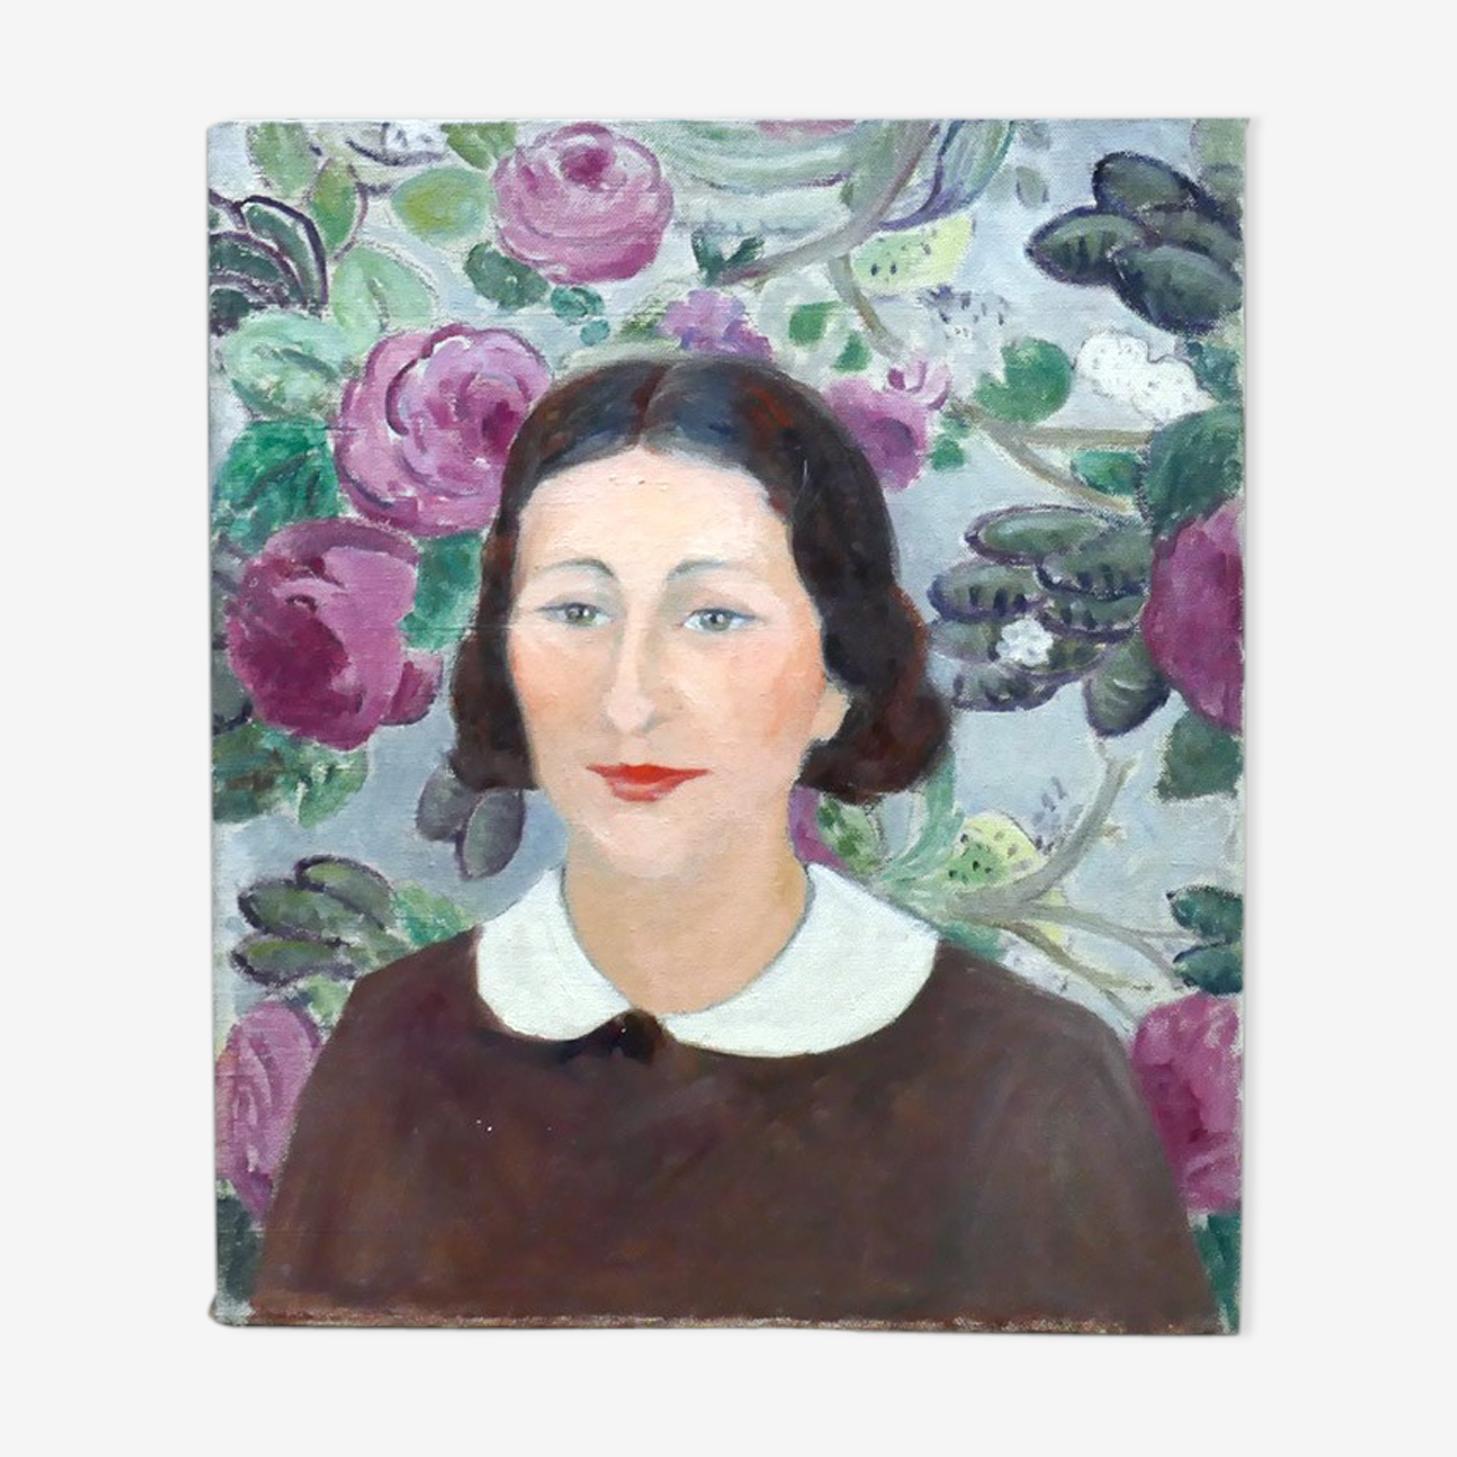 Tableau portrait femme au papier peint huile sur toile attribué à G.Grenthe